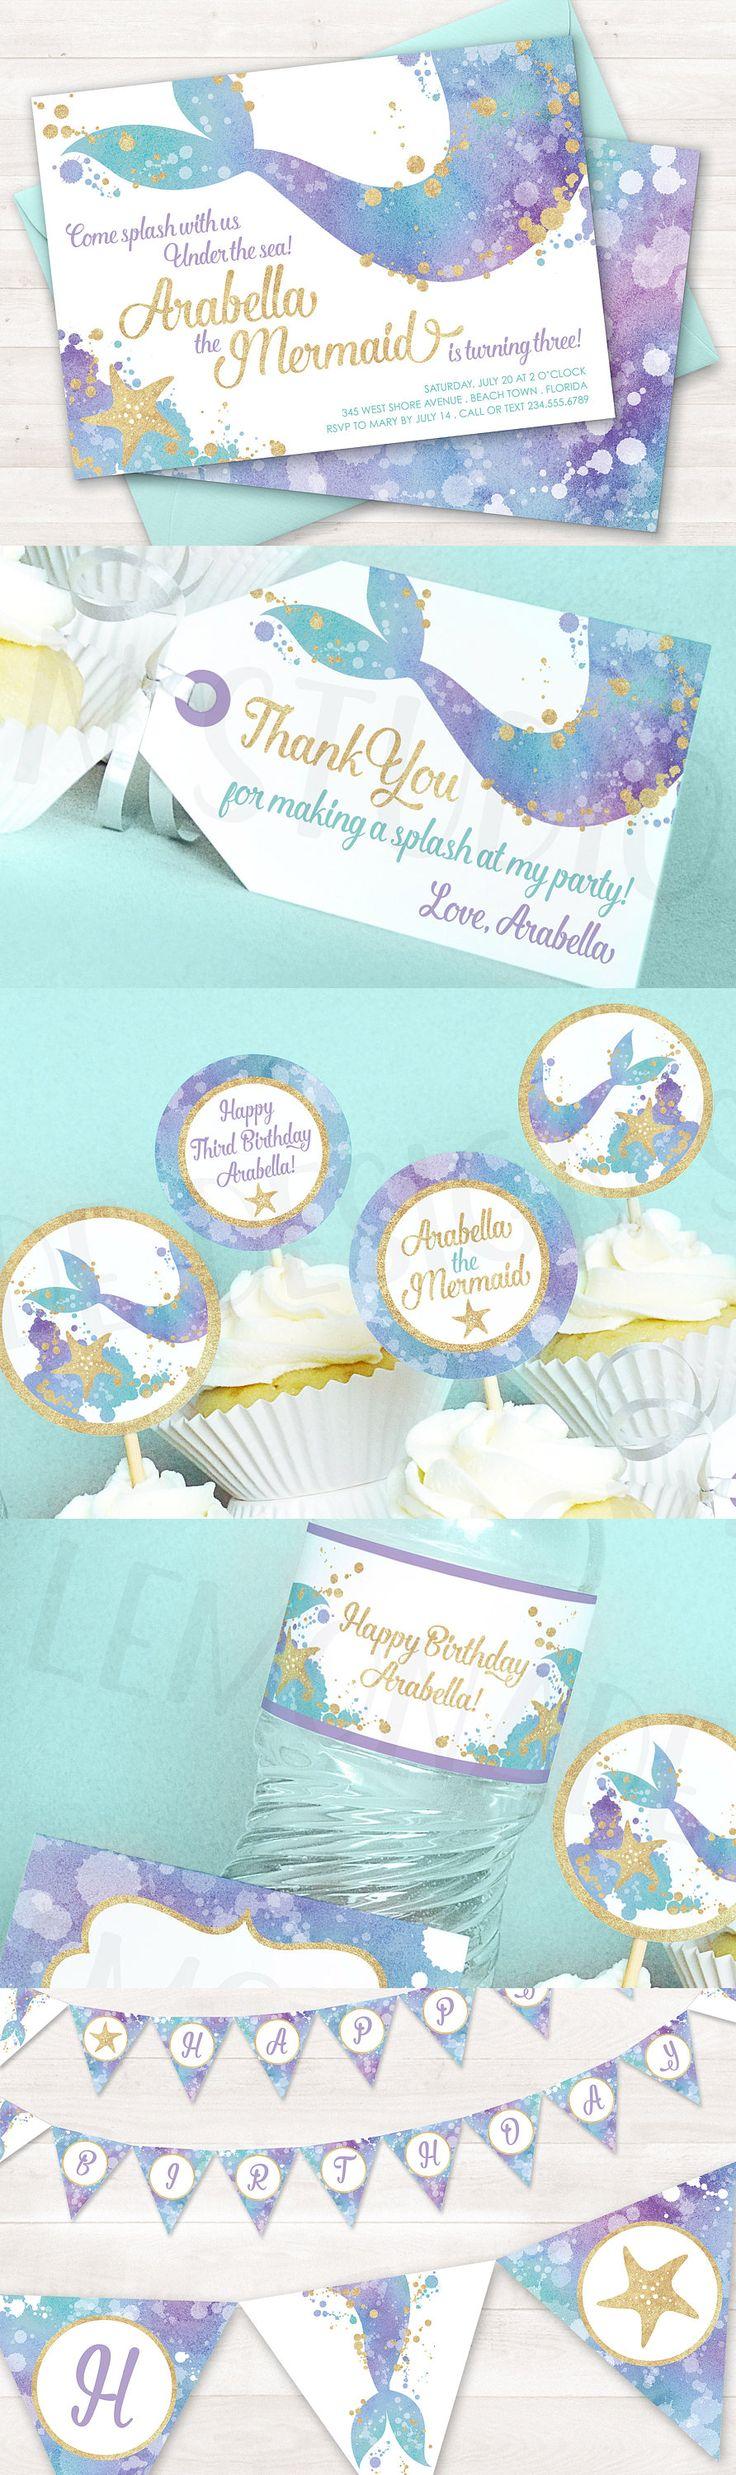 Mermaid invitation by Lemonade Design Studio - Mermaid printable party decor sold separately. Mermaid birthday party - mermaid baby shower - mermaid party decorations - printable mermaid decor - mermaid cupcake toppers - mermaid birthday banner